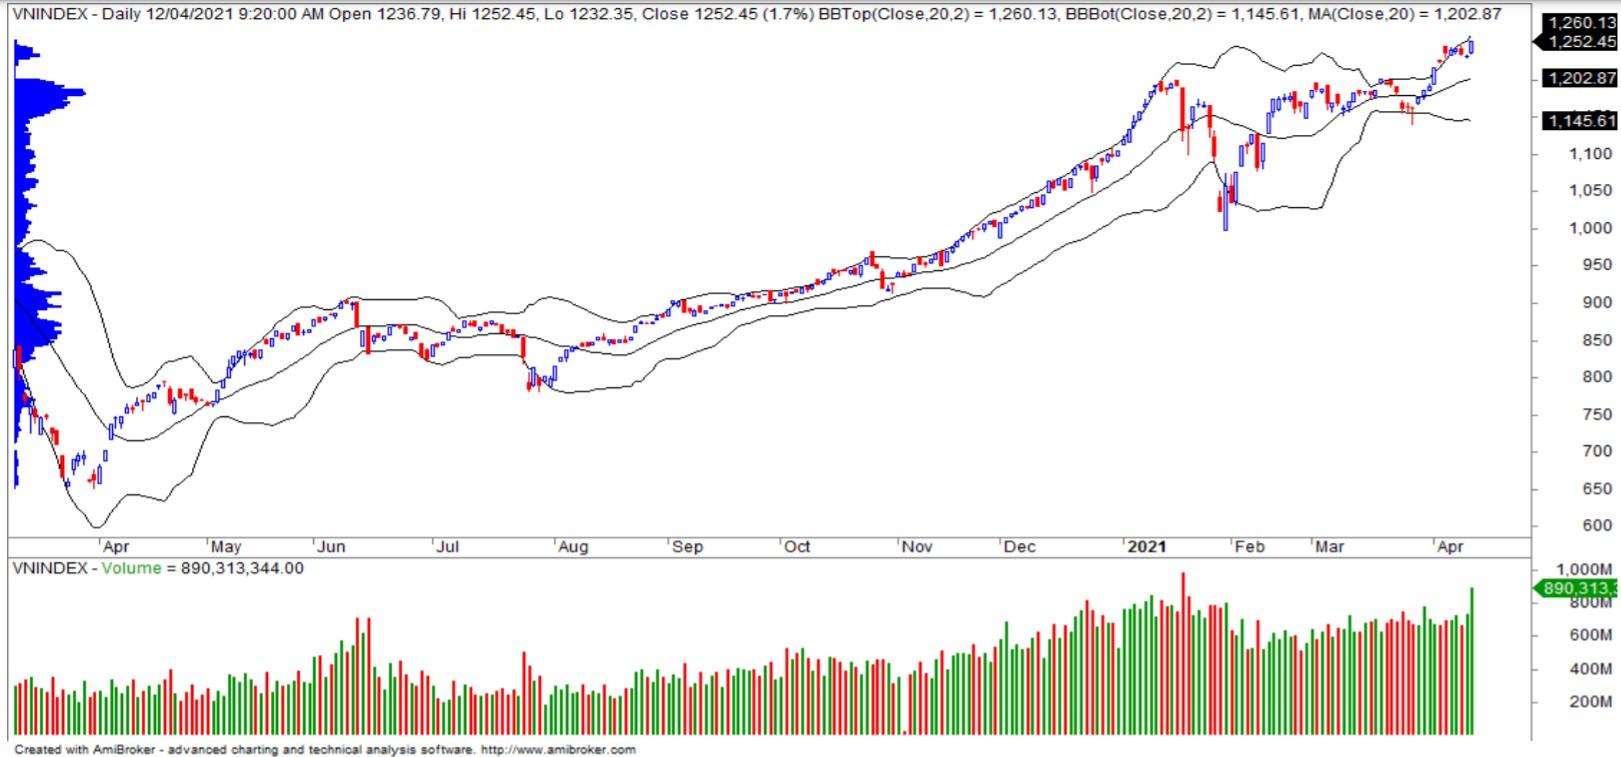 Nhận định thị trường chứng khoán ngày 14/4: Dòng tiền chưa có dấu hiệu rút khỏi thị trường - Ảnh 1.